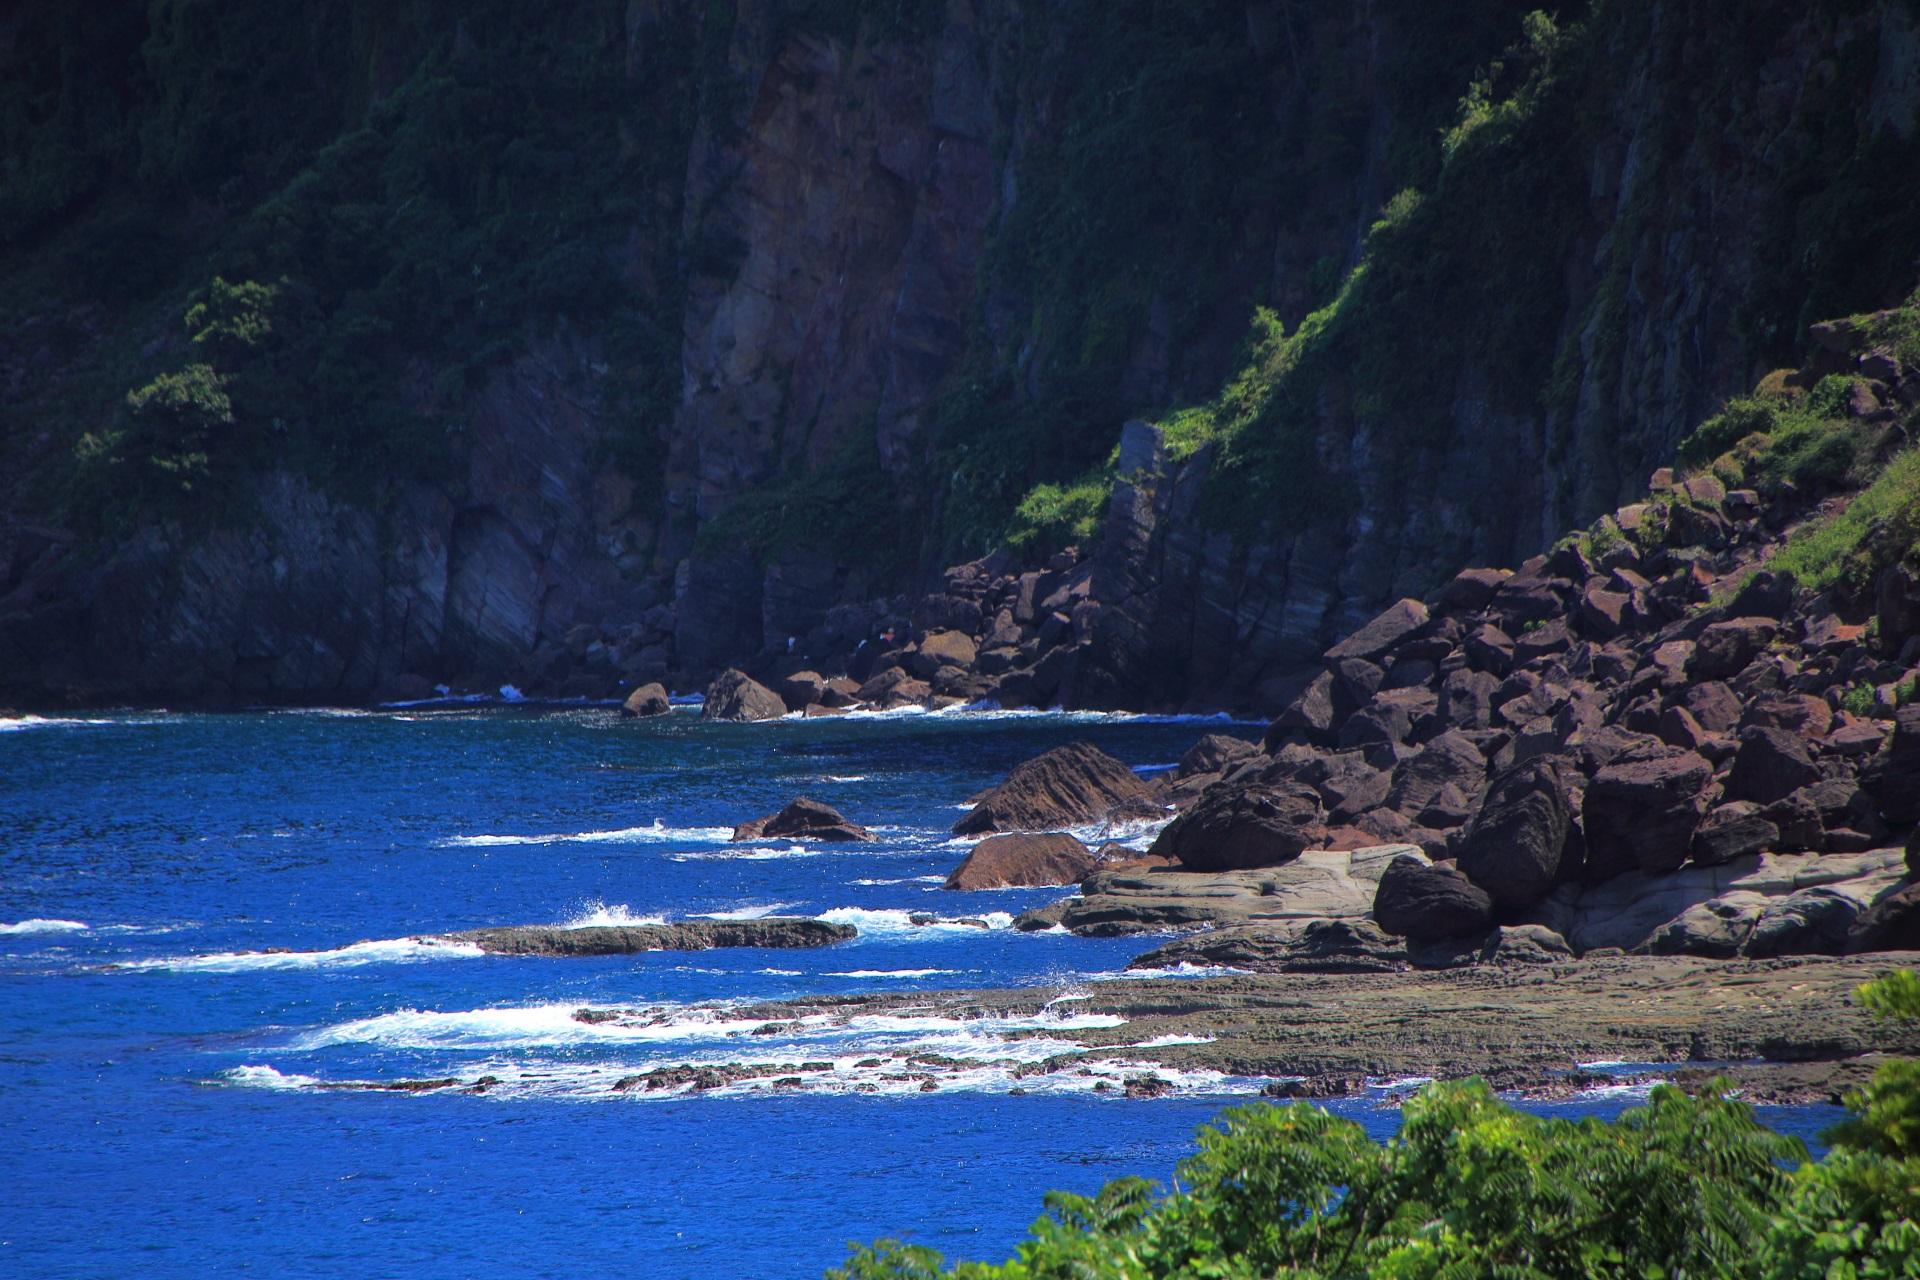 大きな岩がゴロゴロしている危険な五色浜の東側の海岸